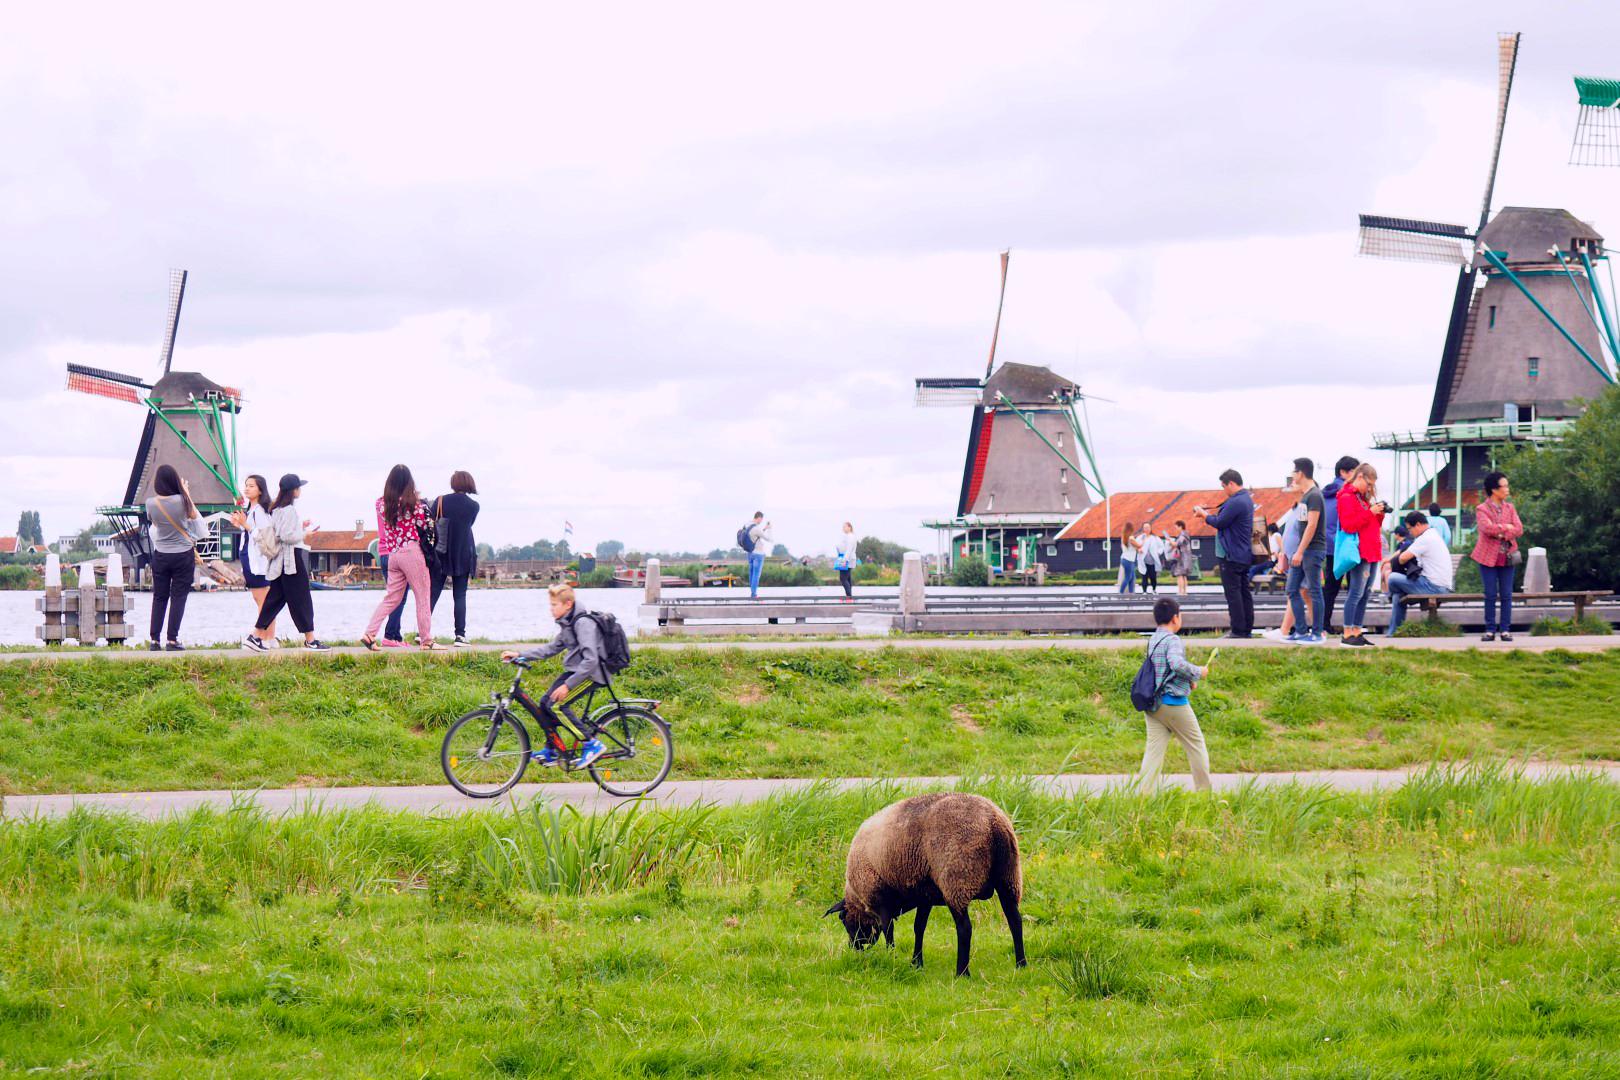 Qué ver en Ámsterdam - Museo qué ver en Ámsterdam - 29397498686 f2df262d50 o - Qué ver en Ámsterdam